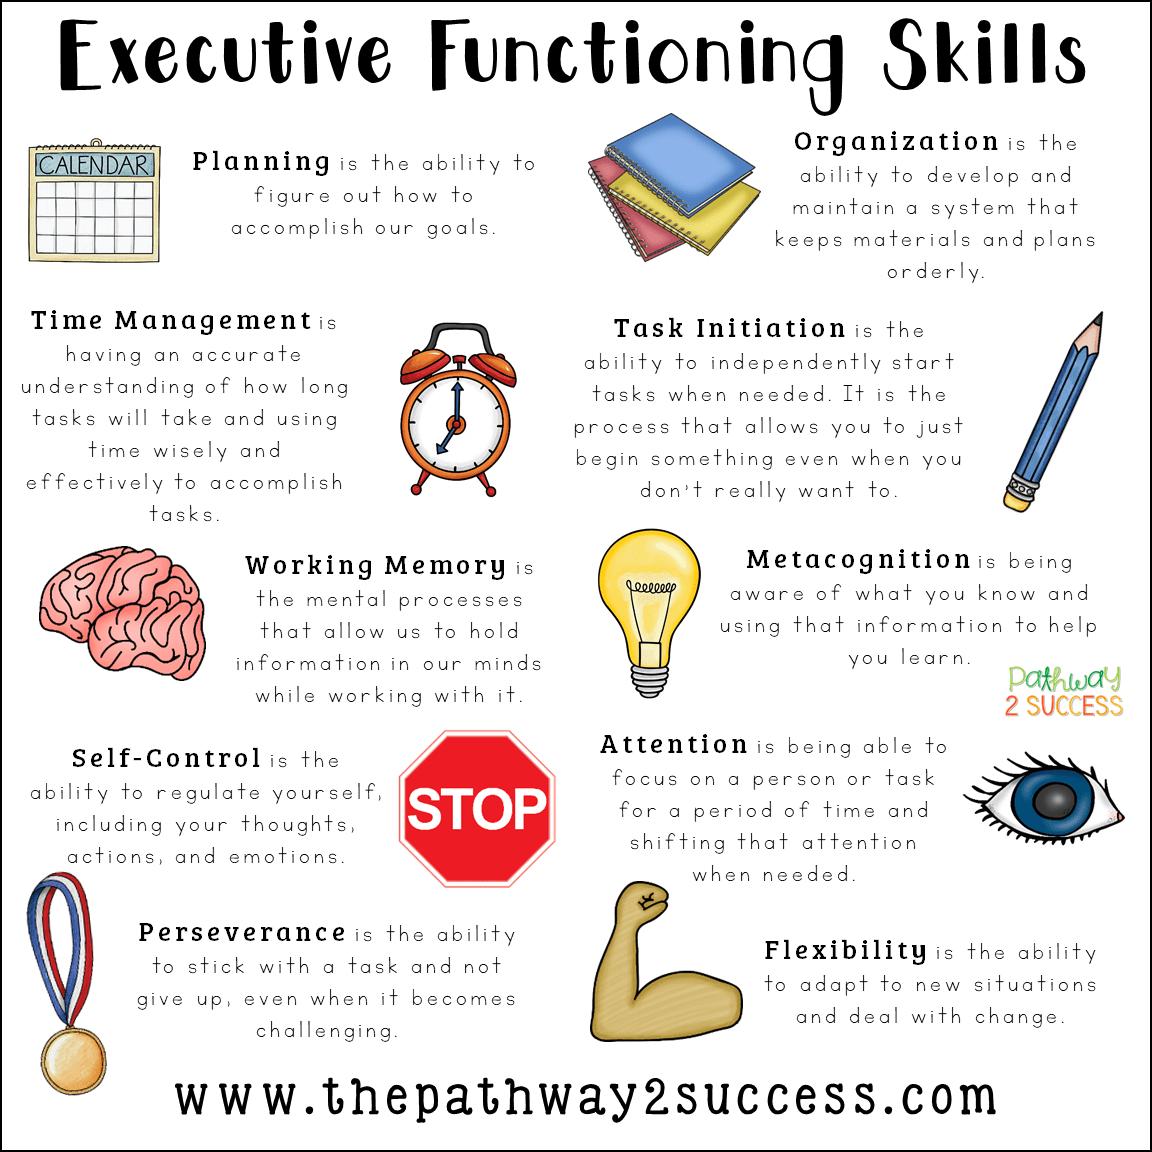 Executive Functioning Skills Explained